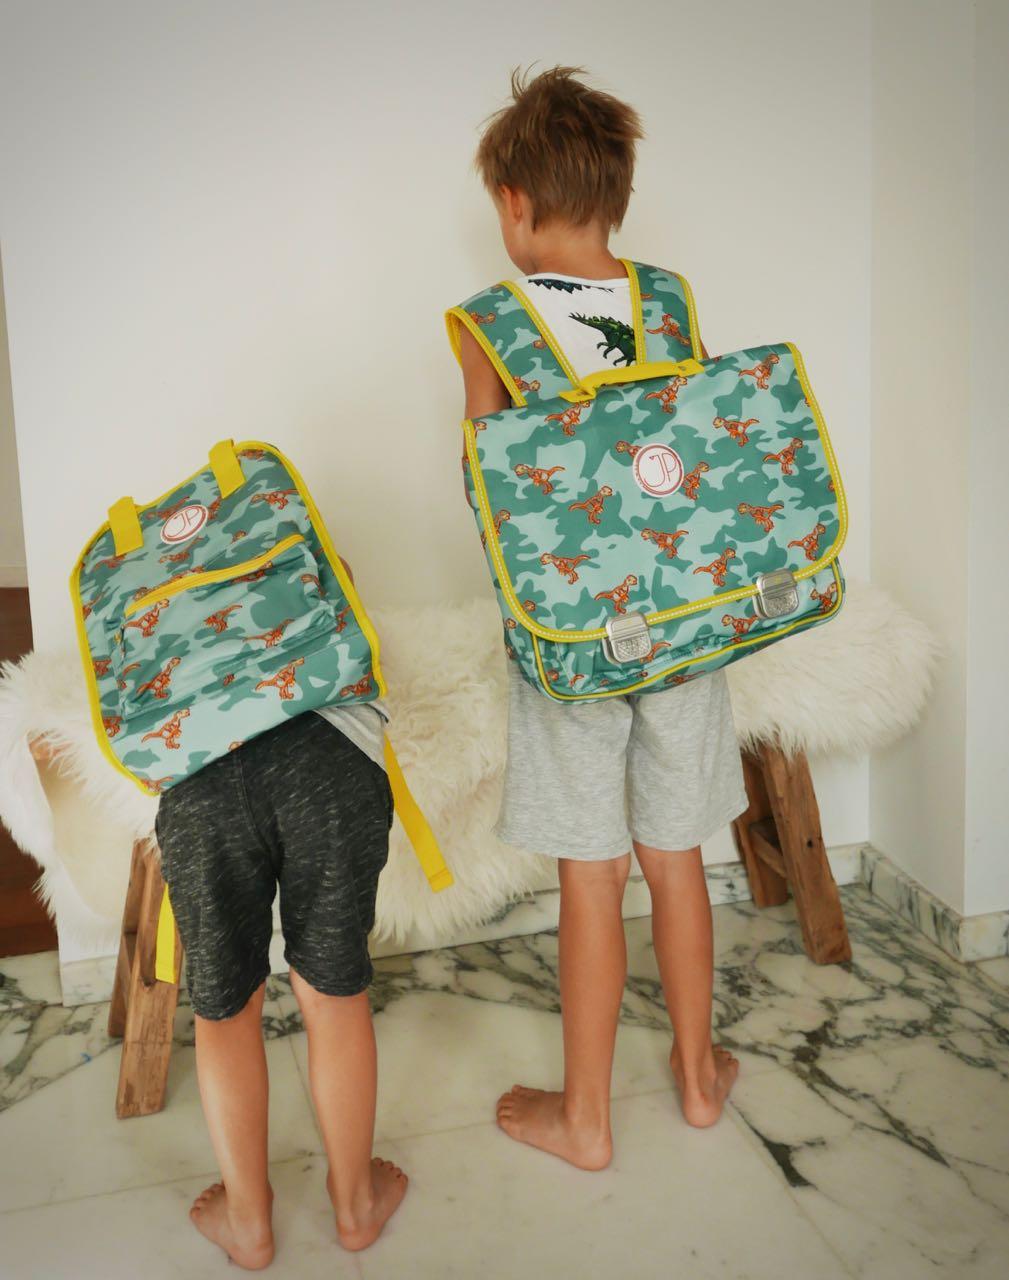 b4652ca1e44 Terug naar school: bangelijke boekentassen. – Erika Van Tielen